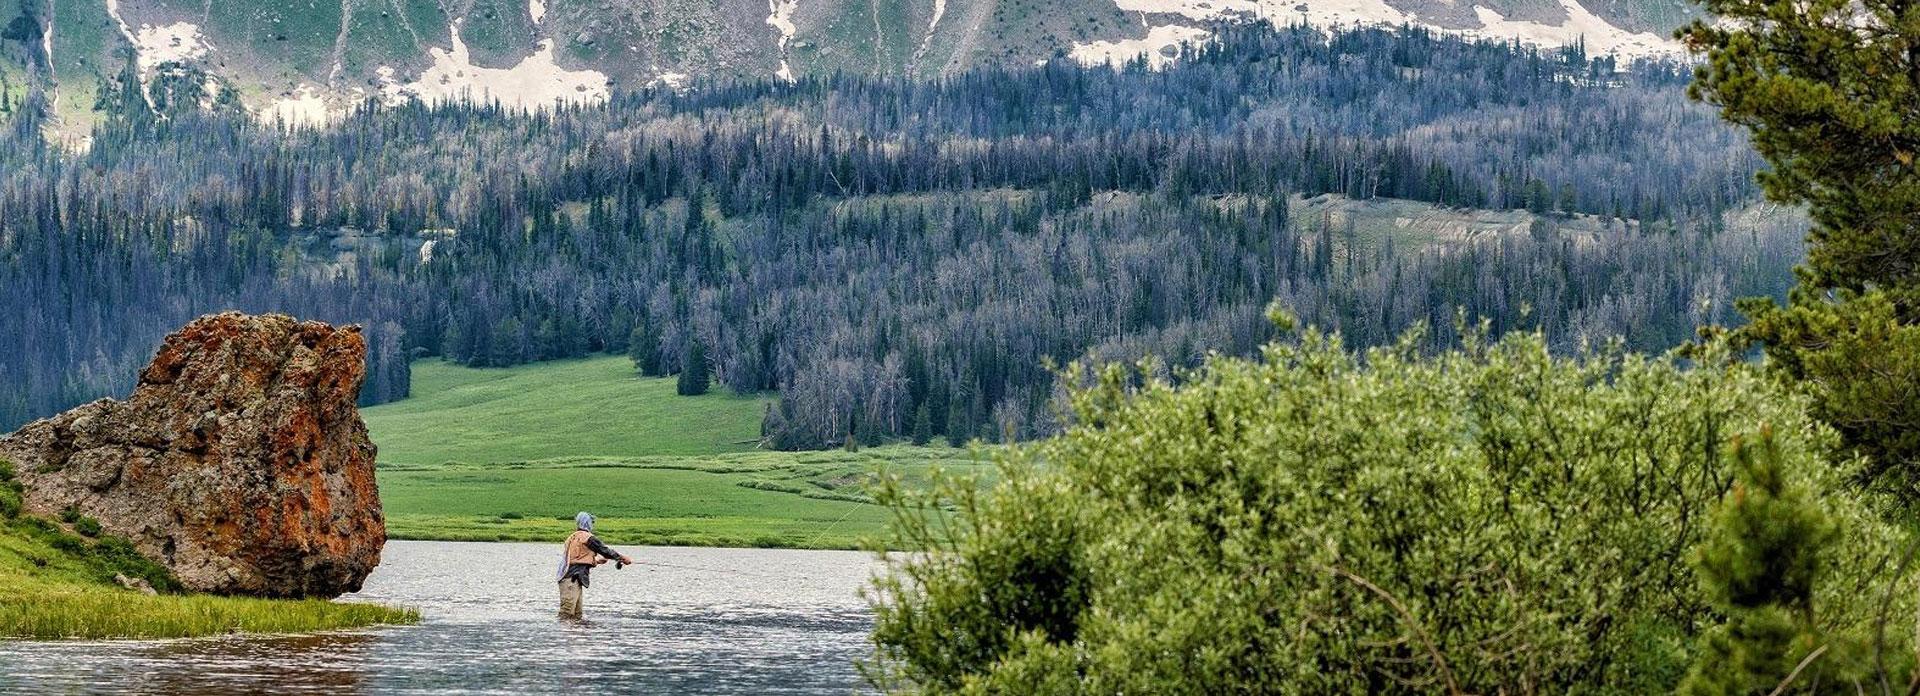 Le 5 migliori cose da fare a Wind River Country, nel Wyoming